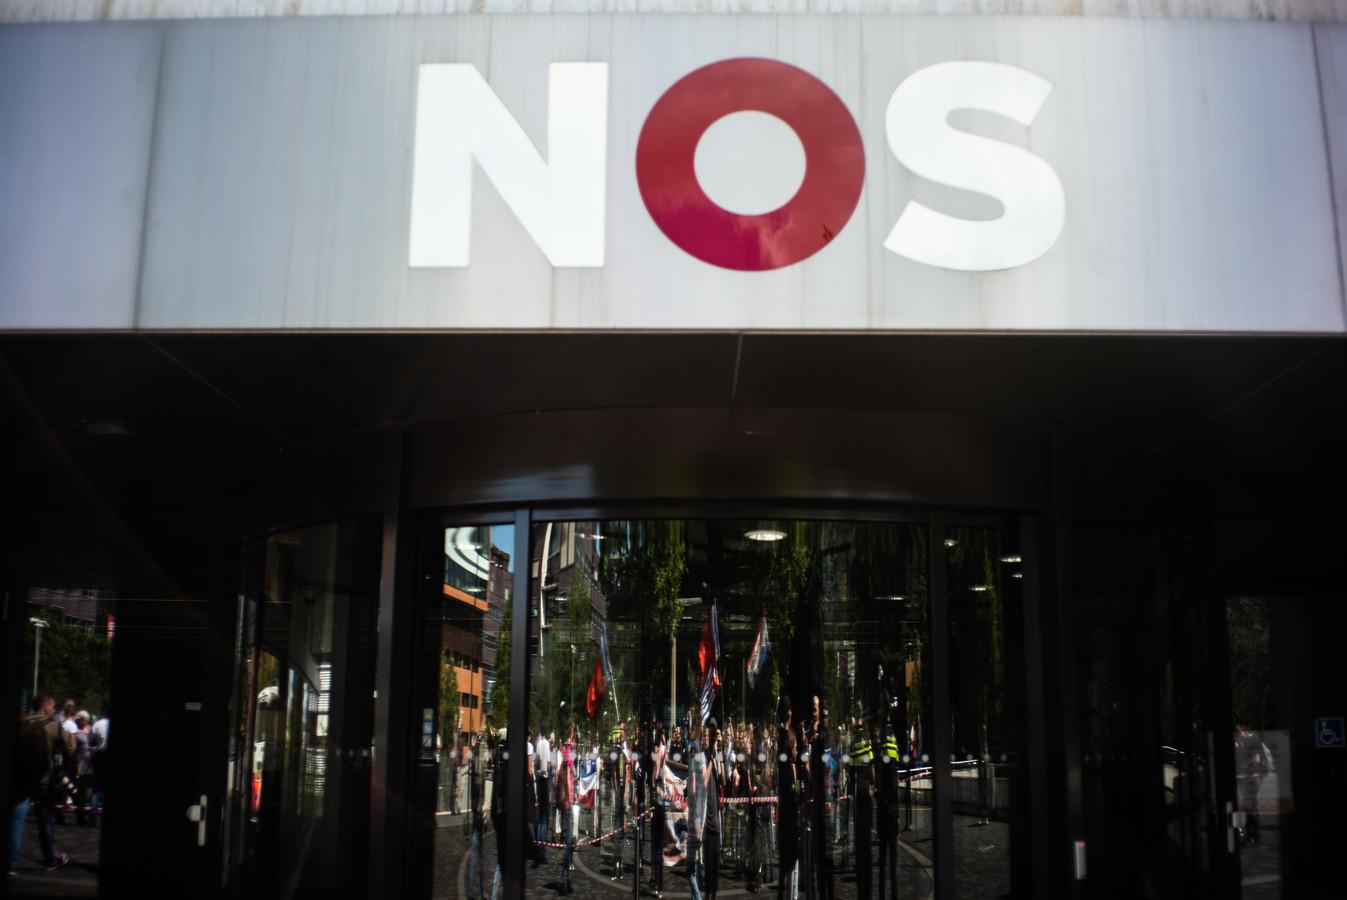 NOS-gebouw in Hilversum.